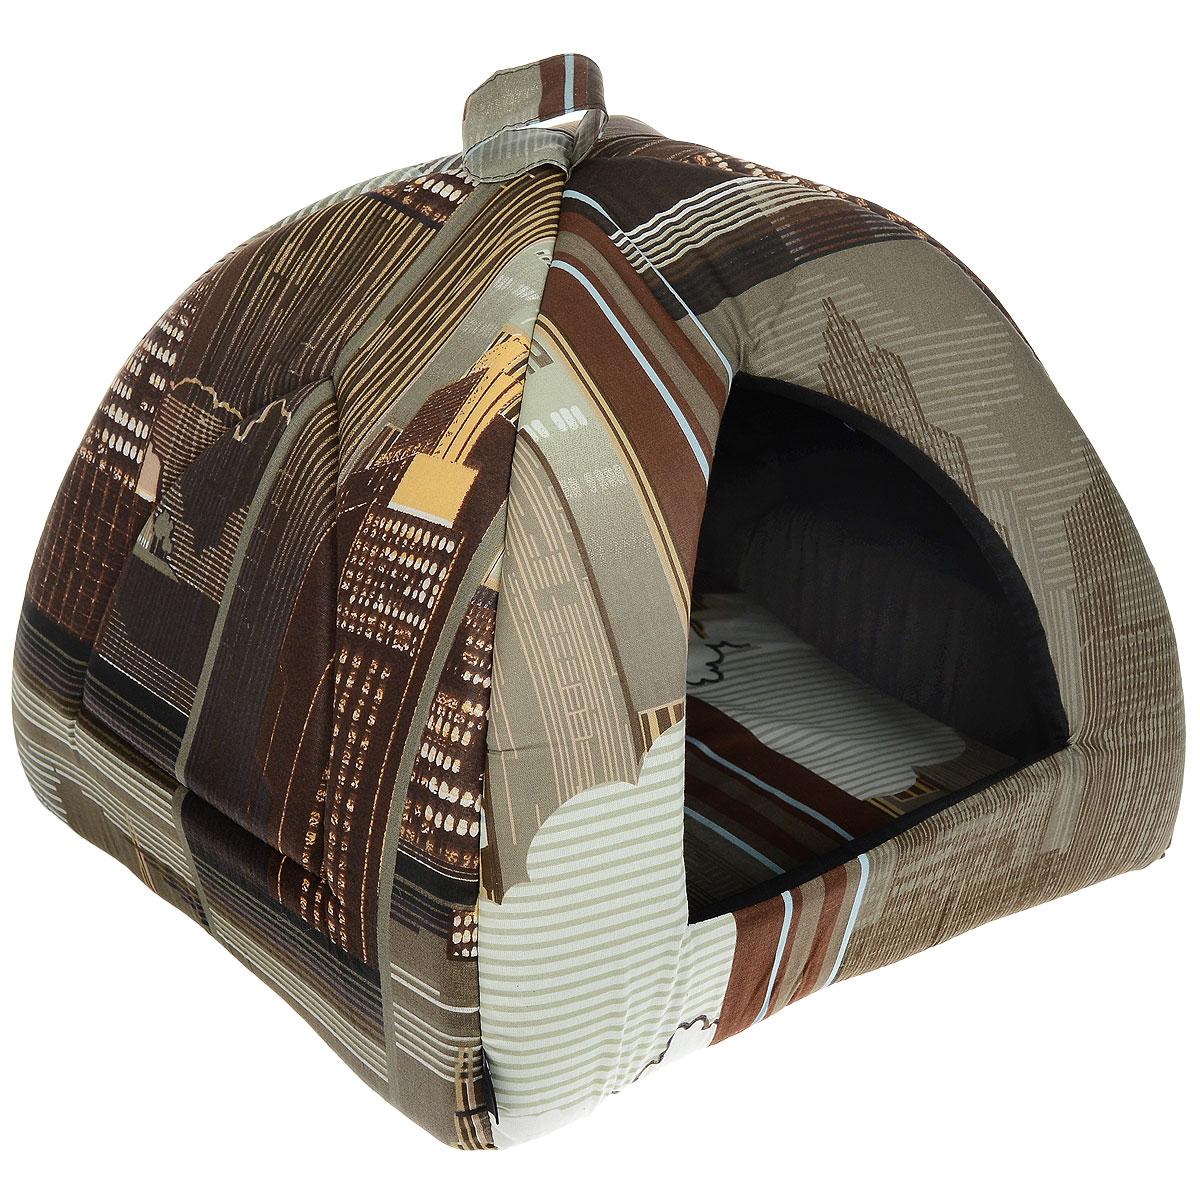 Домик для кошек и собак Гамма, цвет: темно-коричневый, 40 см х 40 см х 43 смДг-06000_темно-коричневый, полоскаДомик для кошек и собак Гамма обязательно понравится вашему питомцу. Домик предназначен для собак мелких пород и кошек. Изготовлен из хлопковой ткани с красивым принтом, внутри - мягкий наполнитель из мебельного поролона. Стежка надежно удерживает наполнитель внутри и не позволяет ему скатываться. Домик очень удобный и уютный, он оснащен мягкой съемной подстилкой из поролона.Ваш любимец сразу же захочет забраться внутрь, там он сможет отдохнуть и спрятаться. Компактные размеры позволят поместить домик, где угодно, а приятная цветовая гамма сделает его оригинальным дополнением к любому интерьеру. Размер подушки: 39 см х 39 см х 2 см. Внутренняя высота домика: 39 см. Толщина стенки: 2 см.